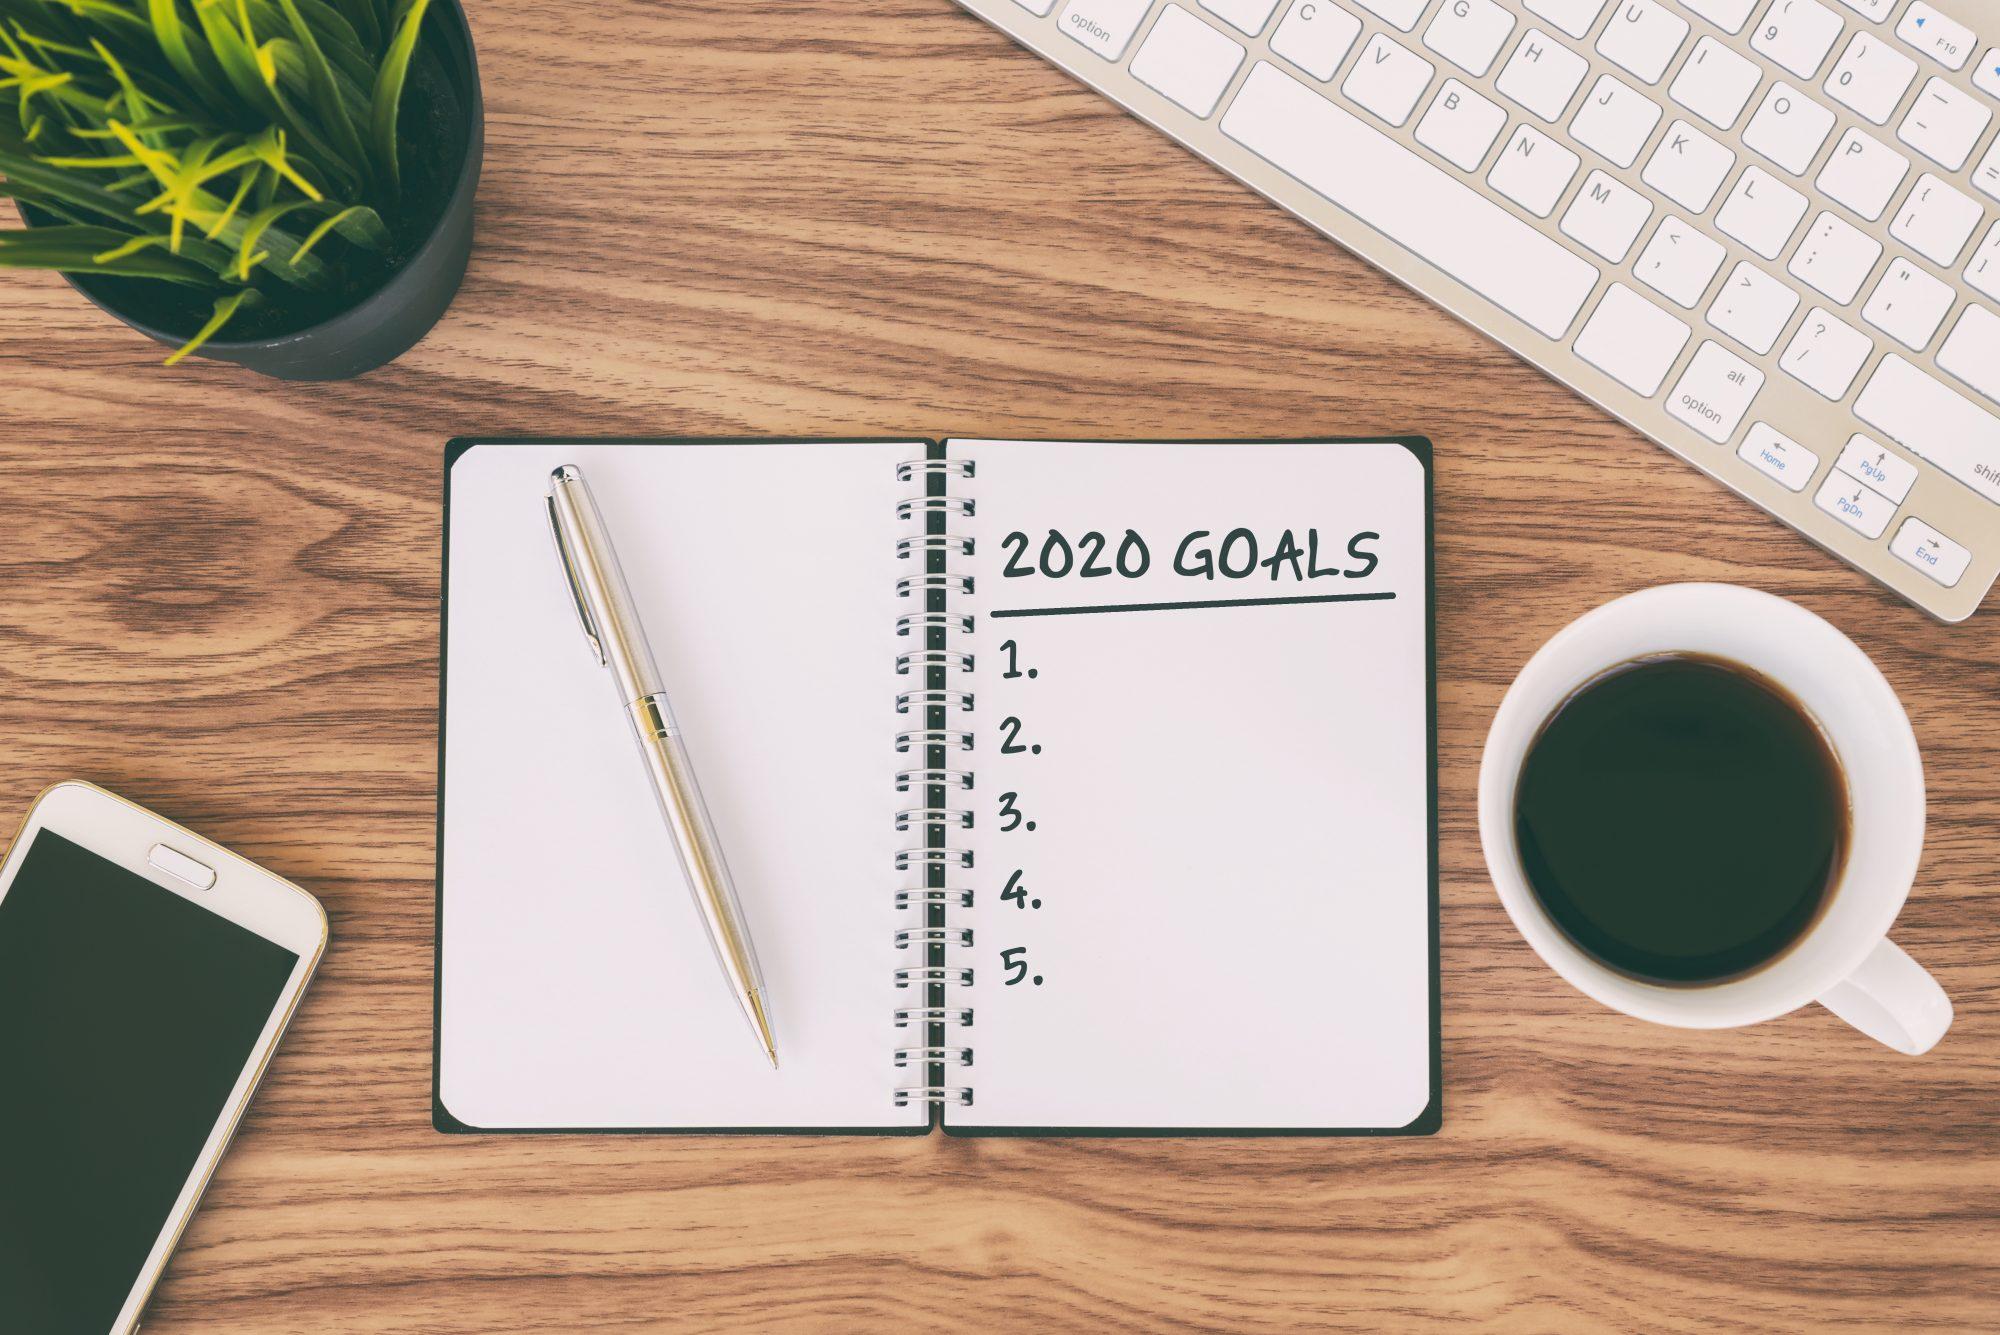 2020 goals propósitos año nuevo